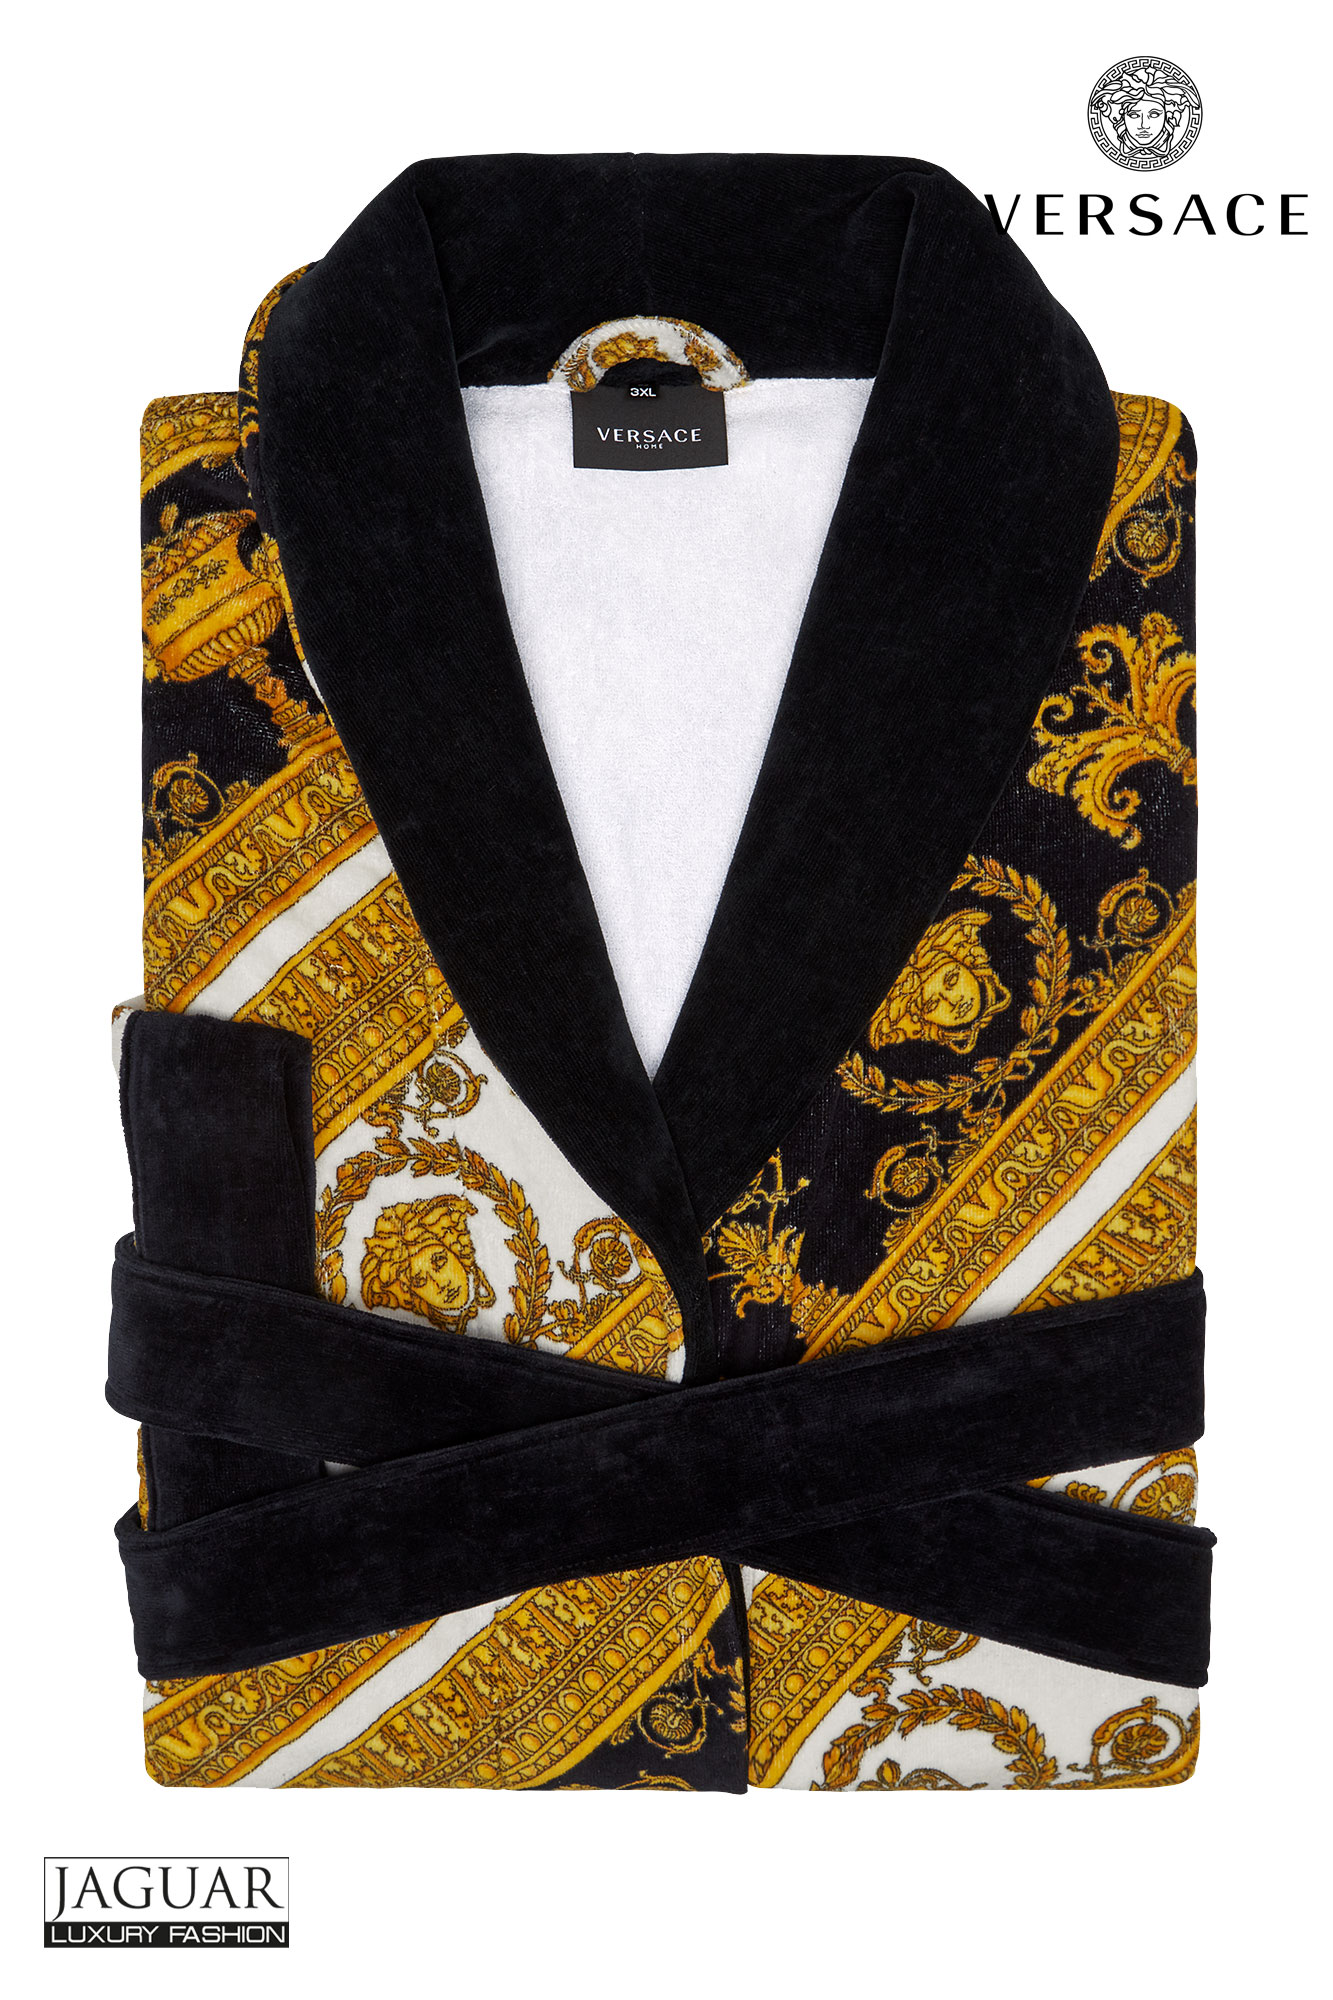 Versace bathrobe Bianco – oro – nero – JAGUAR MODE 2fa343f5e